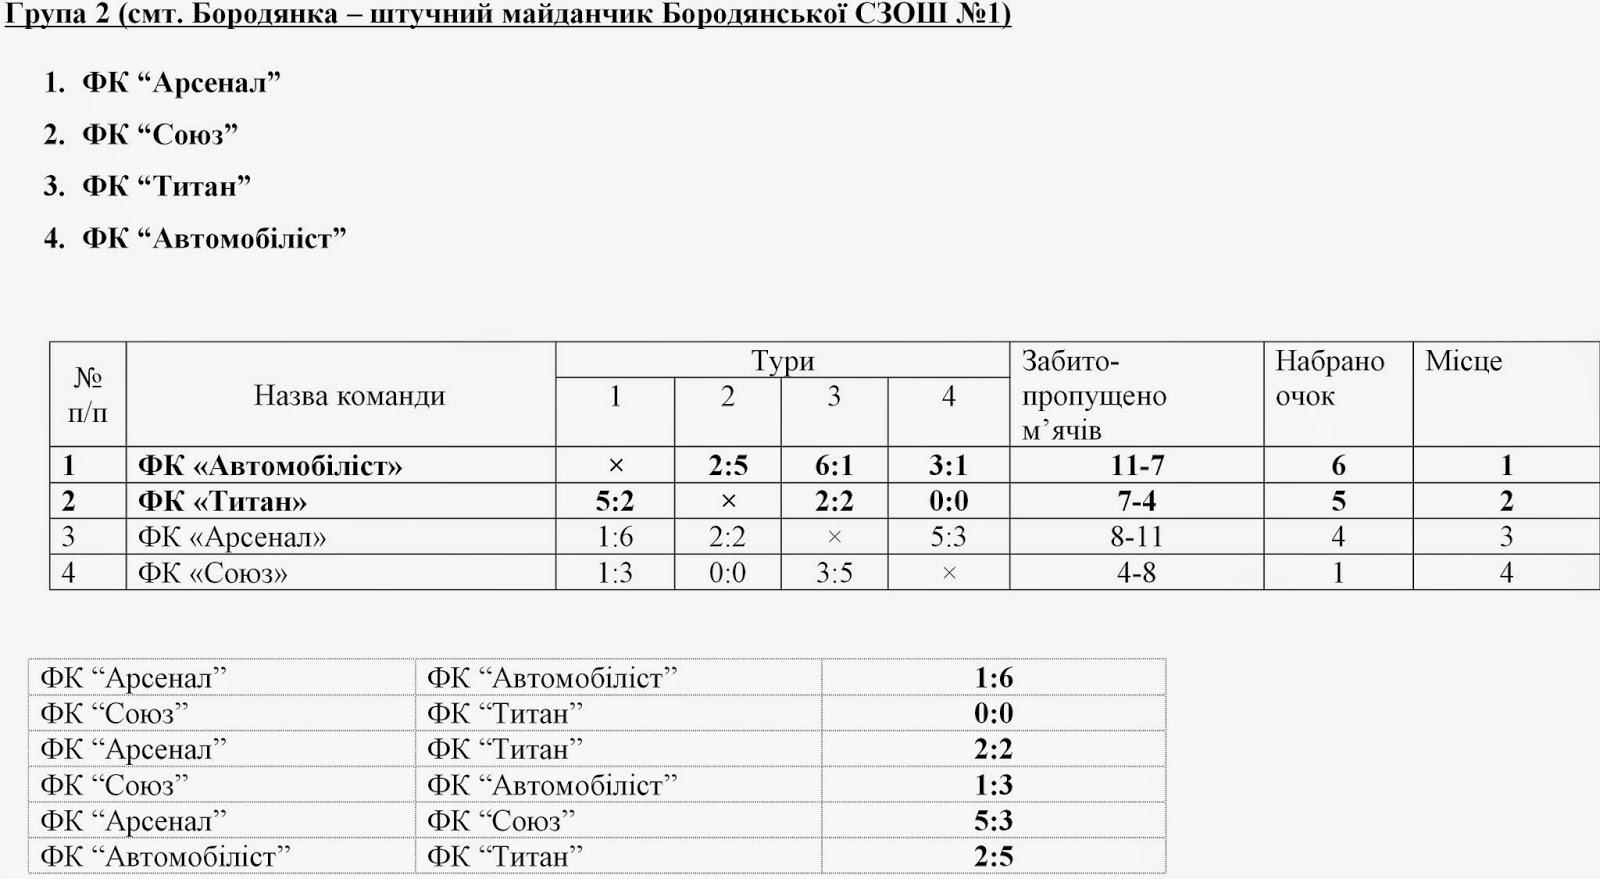 Результати%2Bігор%2Bтурнір%2BГончаренків%2B2014а.jpg